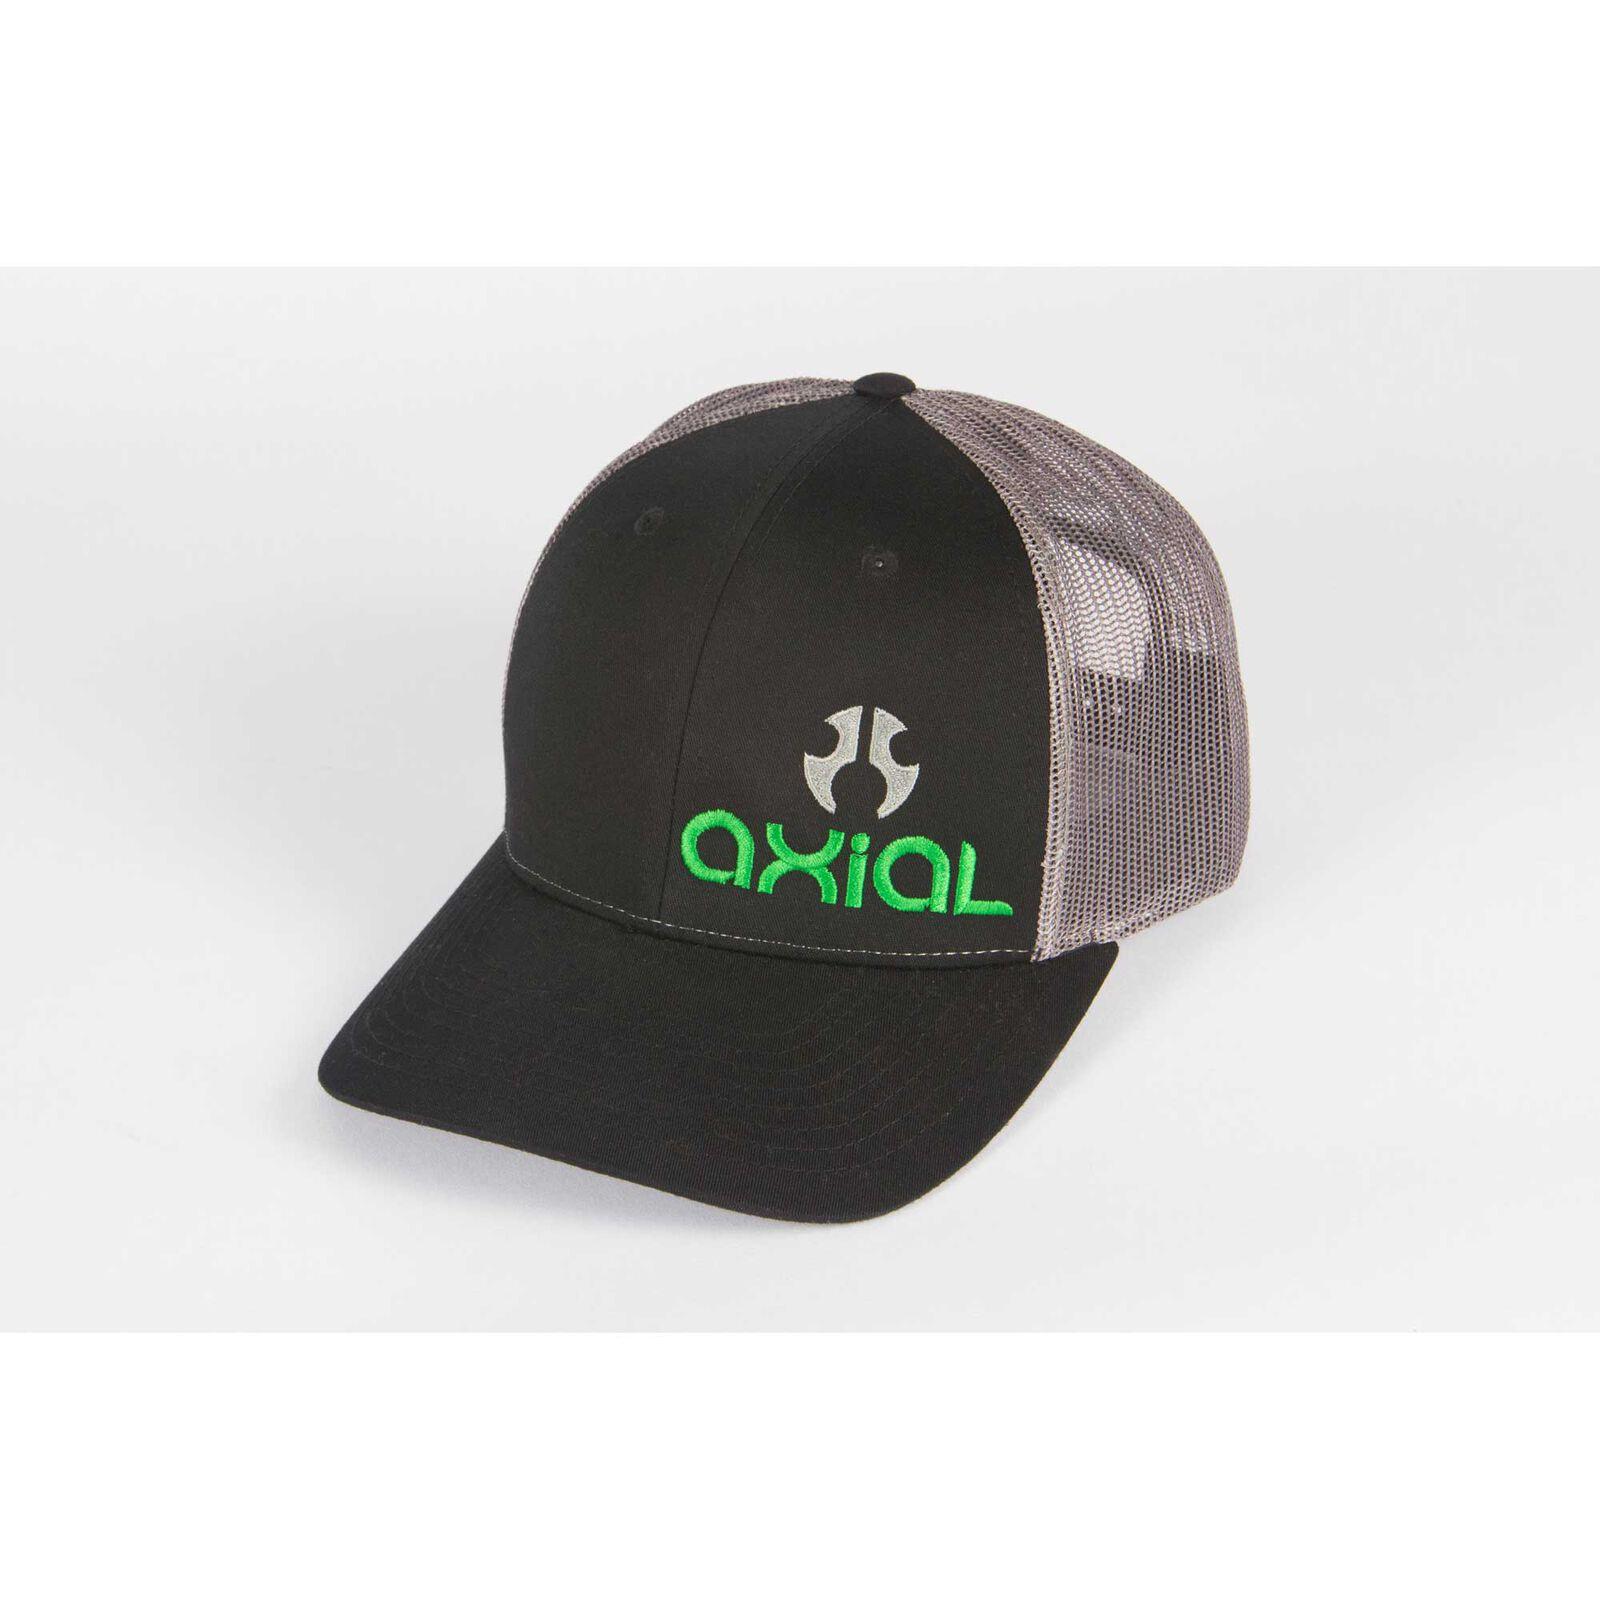 Trucker Hat/Cap, Charcoal Black